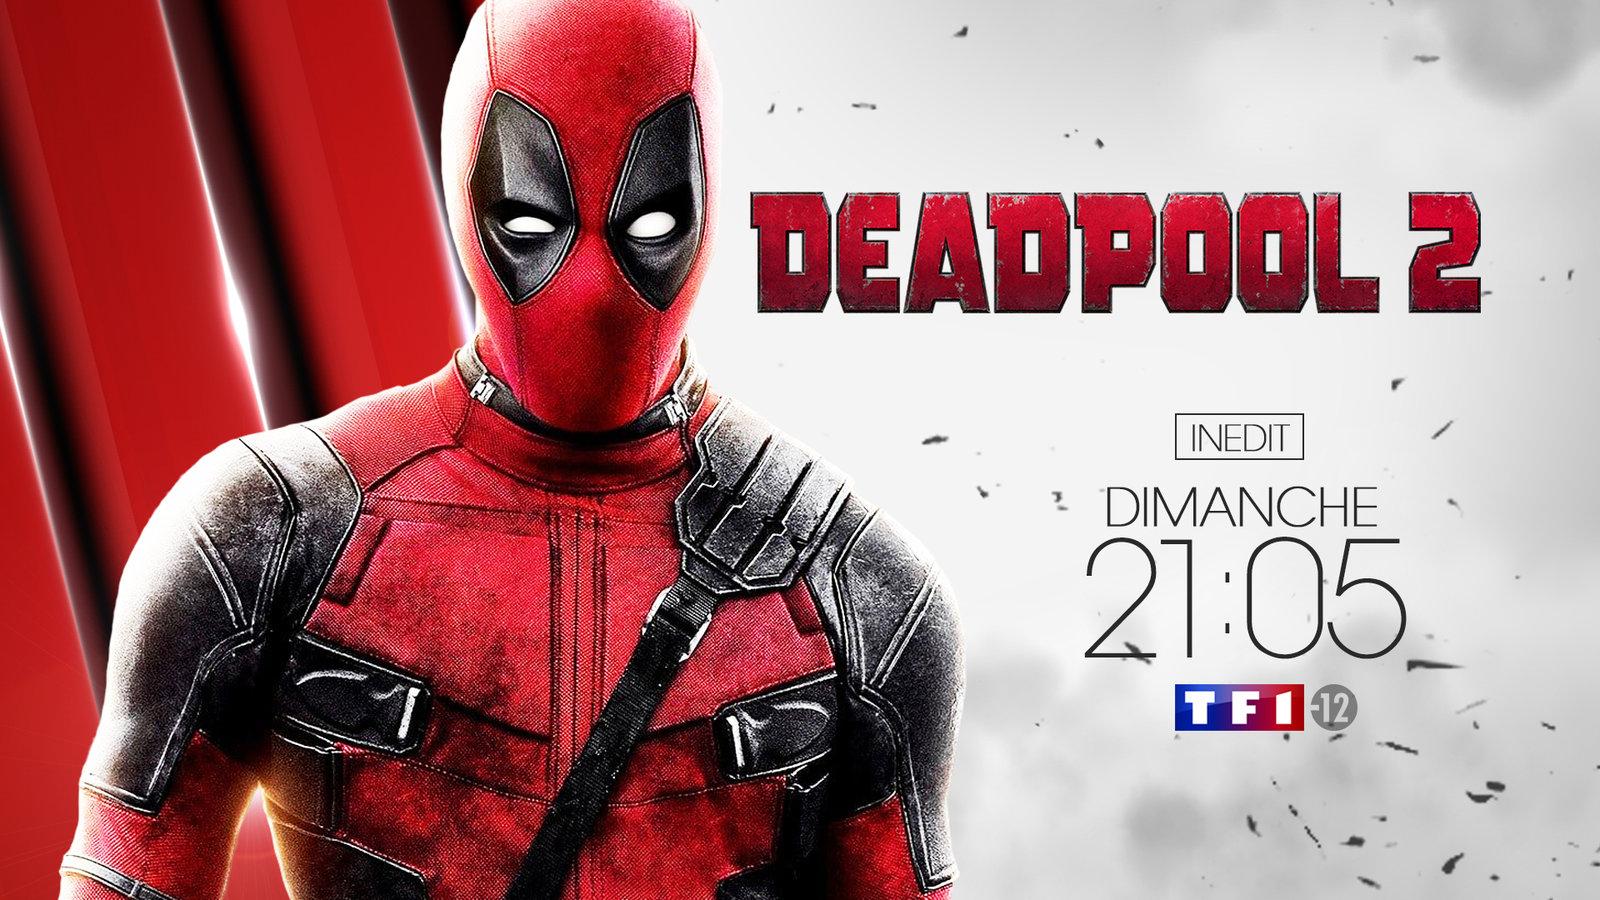 Deadpool 2 IMAGE